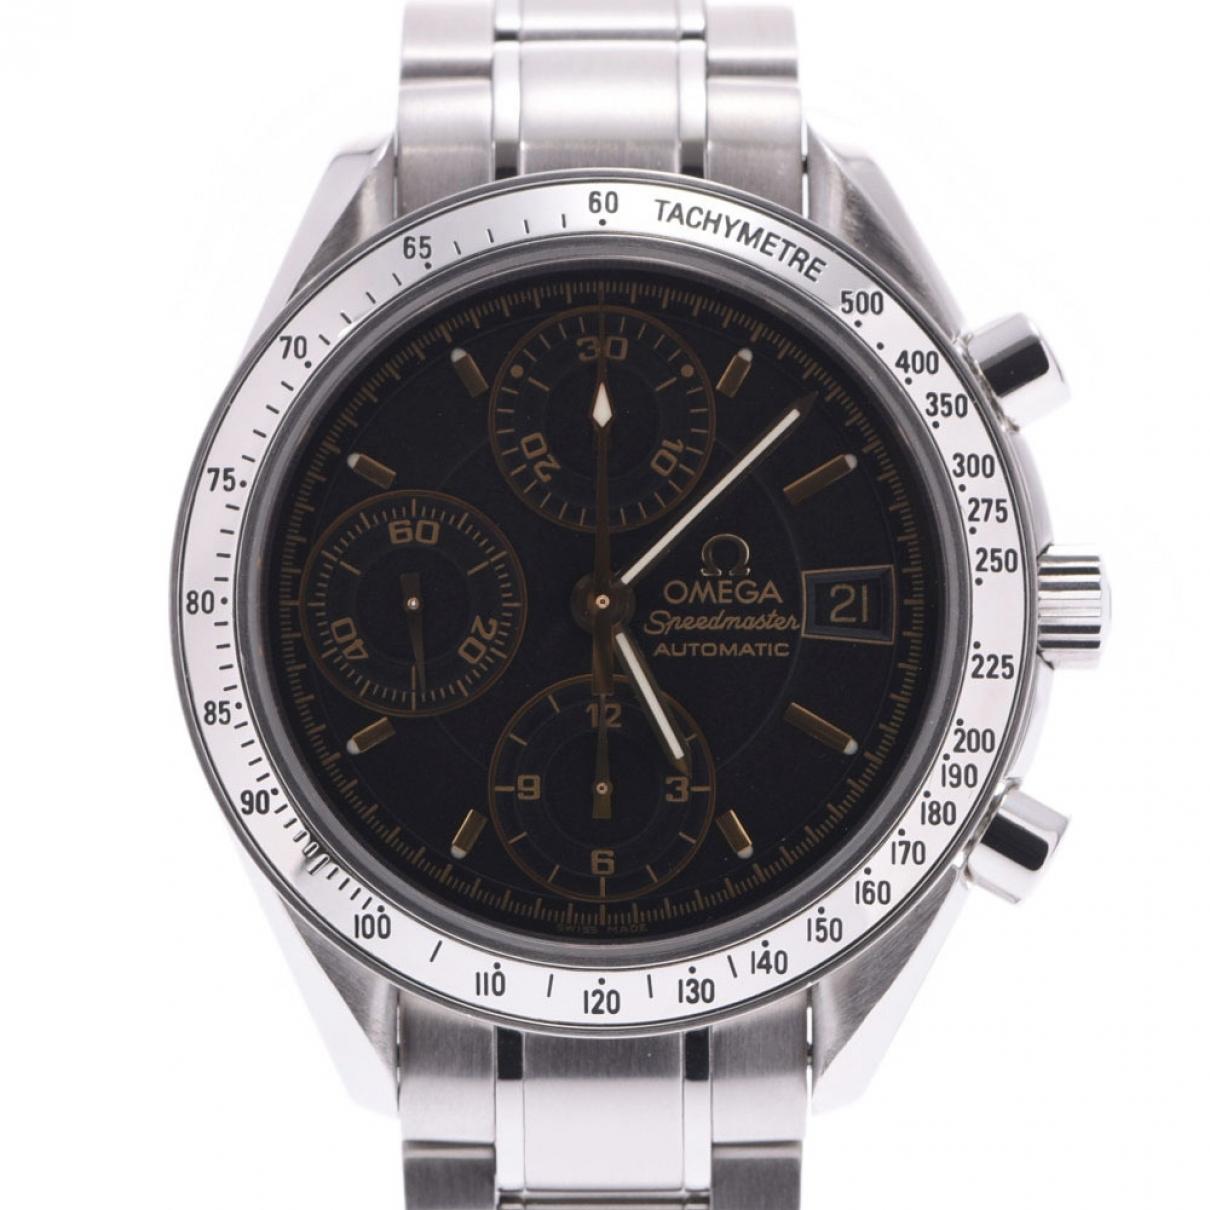 Omega Speedmaster Uhr in Stahl